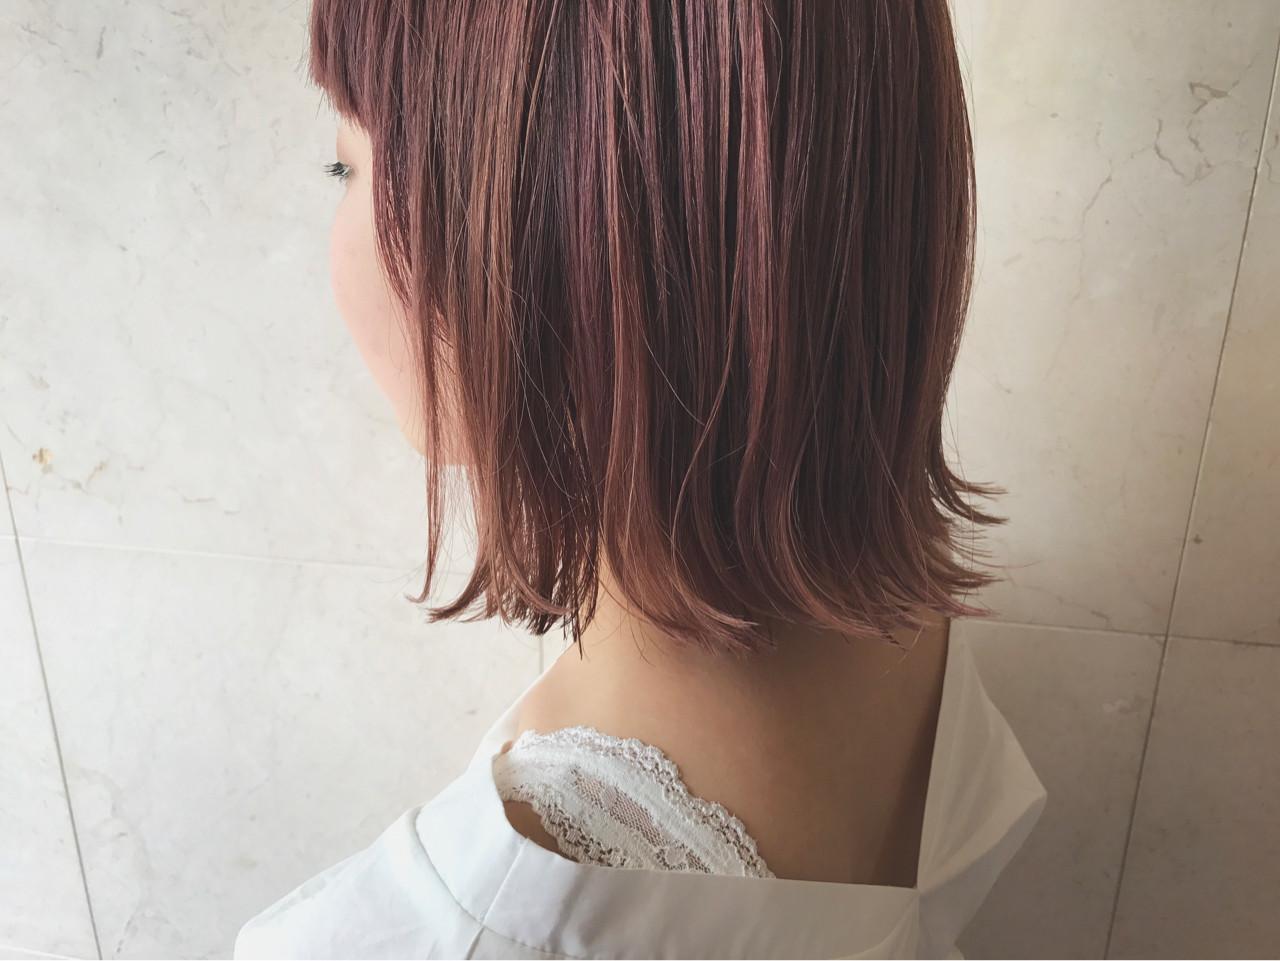 ダブルカラー ピンクアッシュ ボブ ストリート ヘアスタイルや髪型の写真・画像 | 野間祐樹 / HAIR'S Lunetta (ヘアーズ ルネッタ)